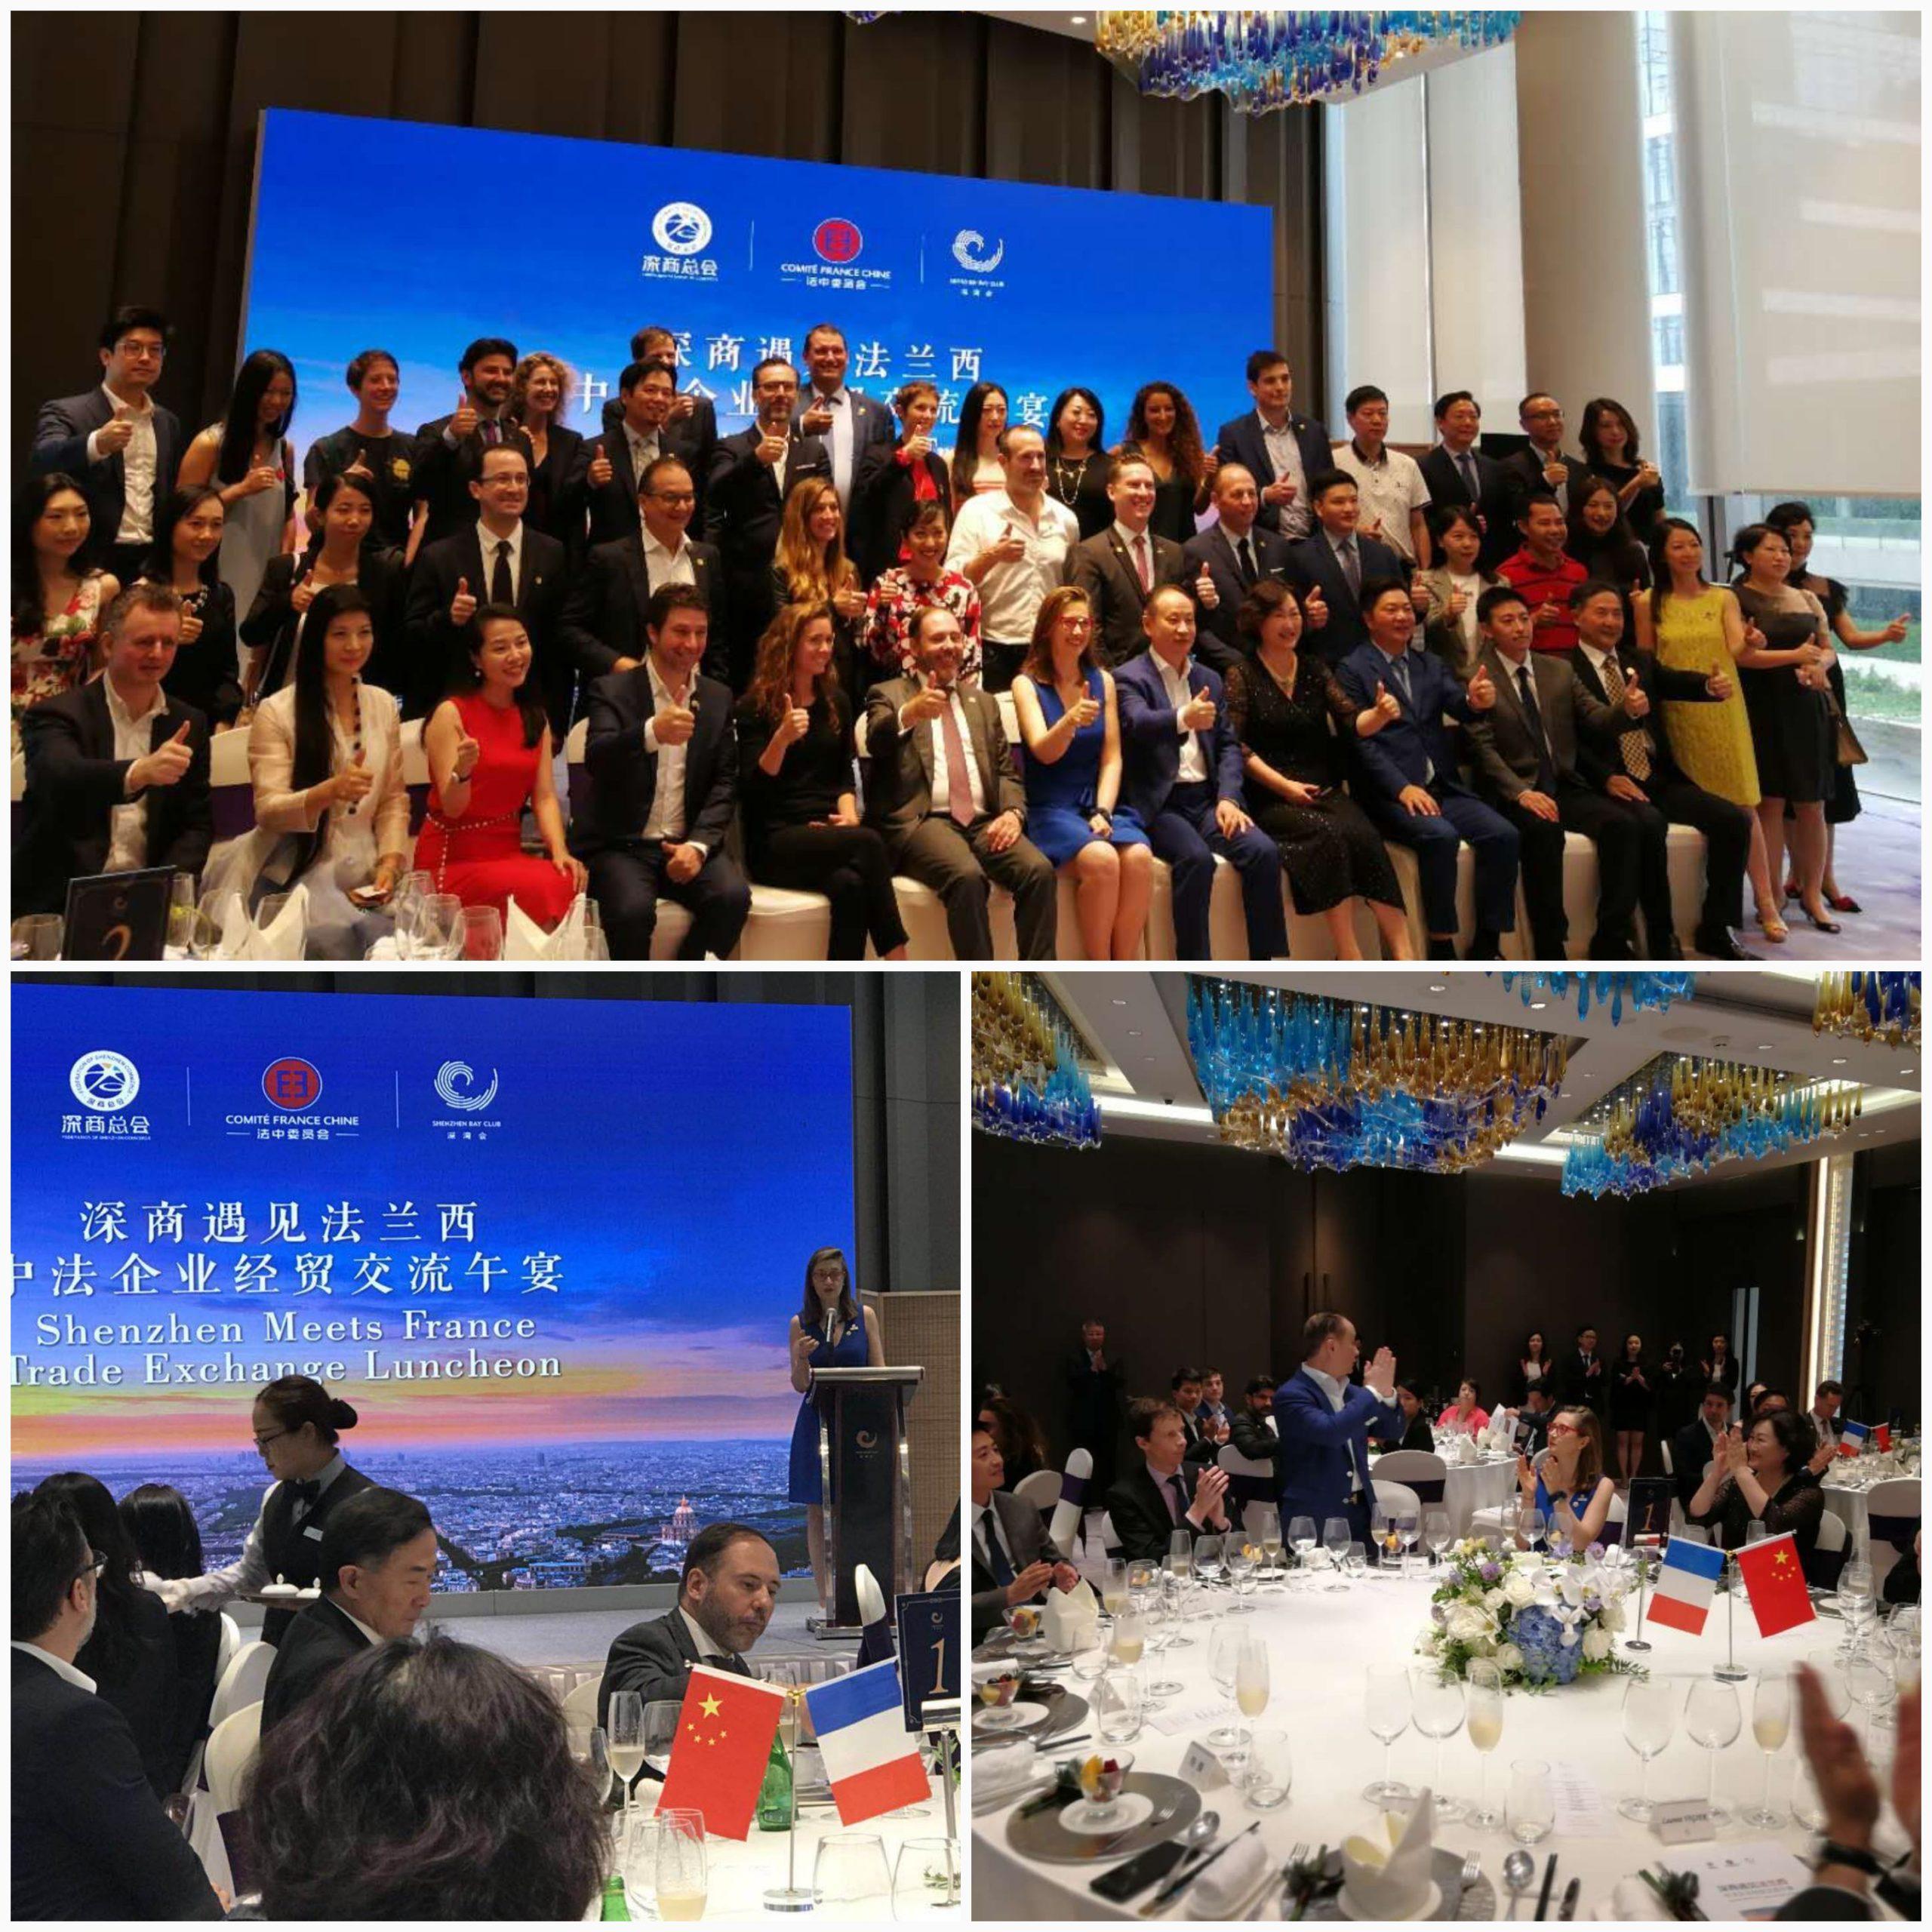 Déjeuner rencontre avec les entrepreneurs de Shenzhen - 22 juin 2018 - Shenzhen